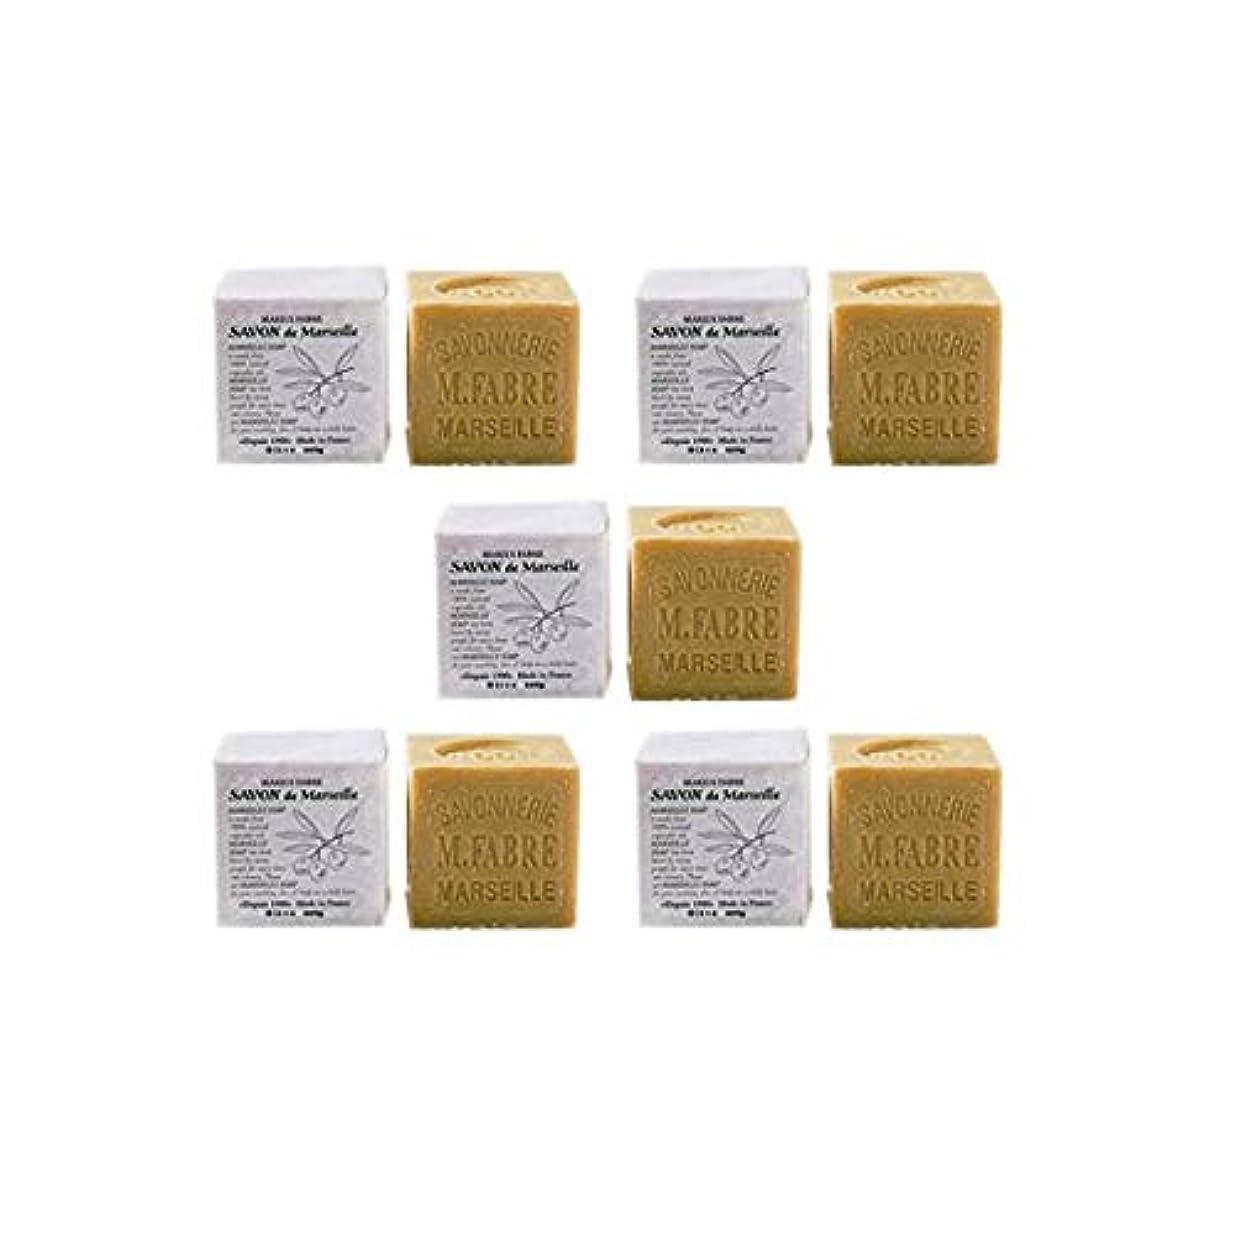 ファンシーできれば娯楽マリウスファーブルジューン サボンドマルセイユ無香料200gオリーブN 5個セット(200g×5個)無添加オリーブ石鹸